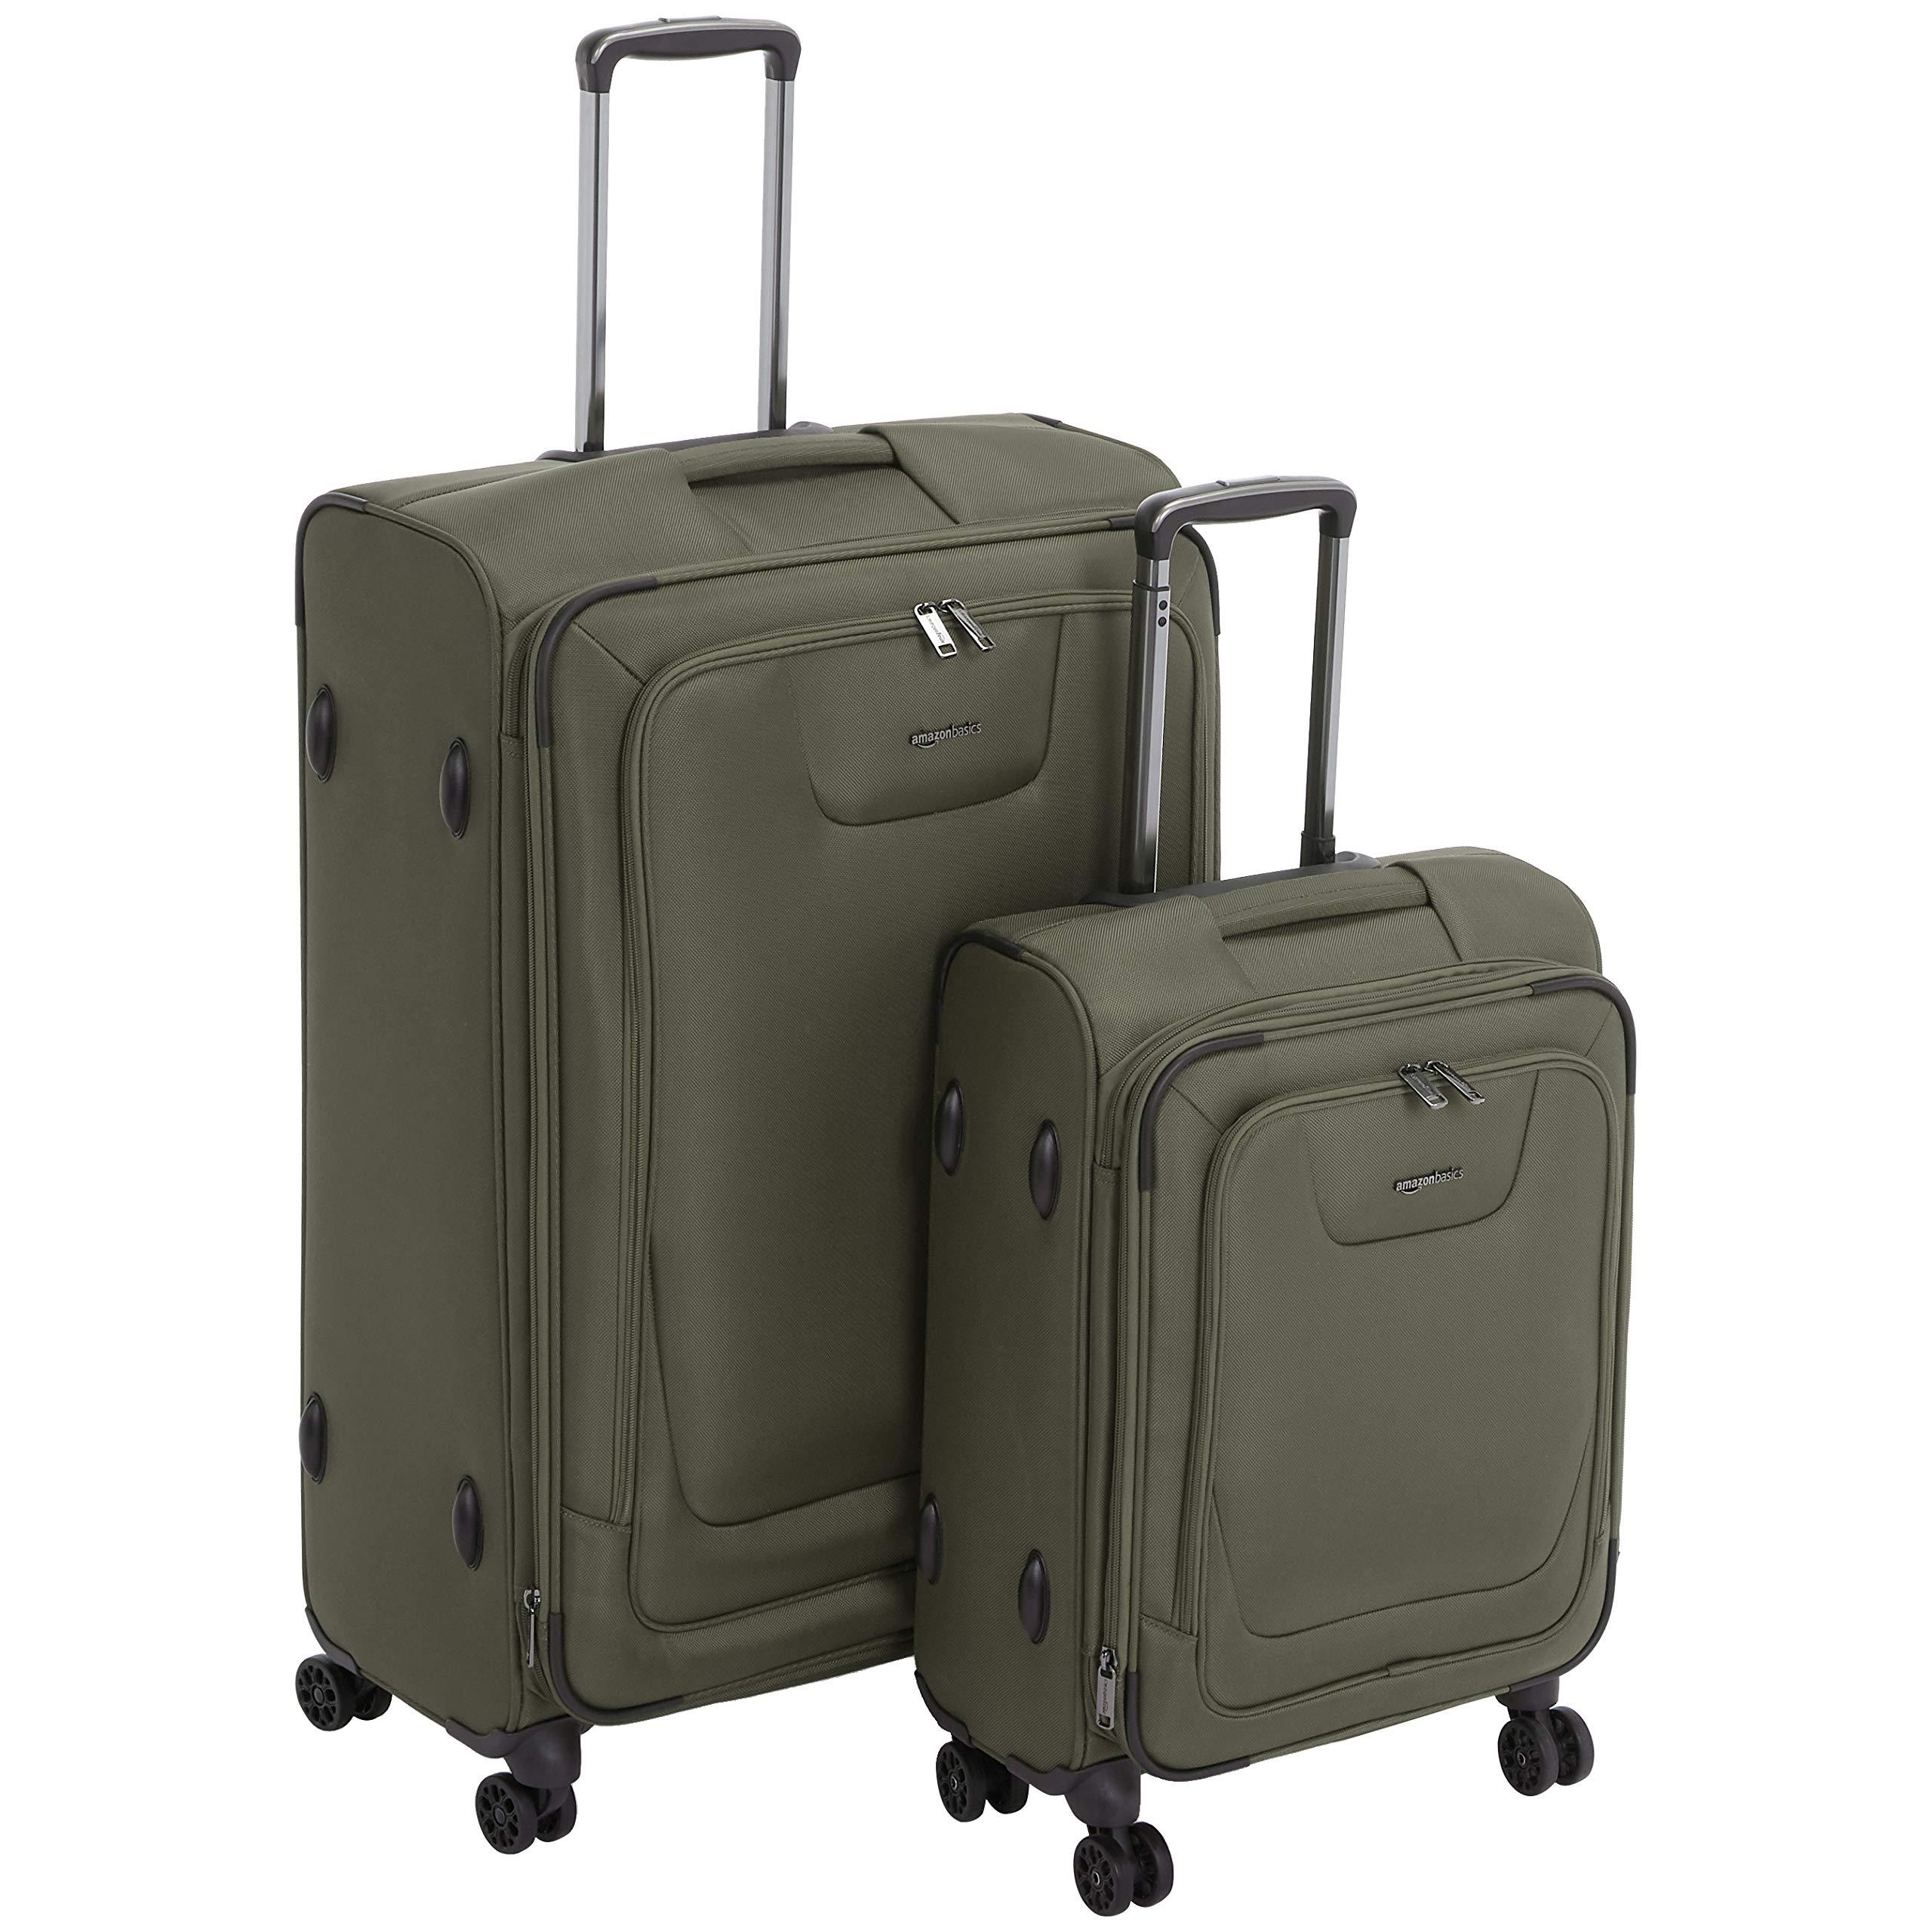 AmazonBasics 2 Piece Expandable Softside Spinner Luggage Suitcase With TSA Lock And Wheels Set - Olive by AmazonBasics